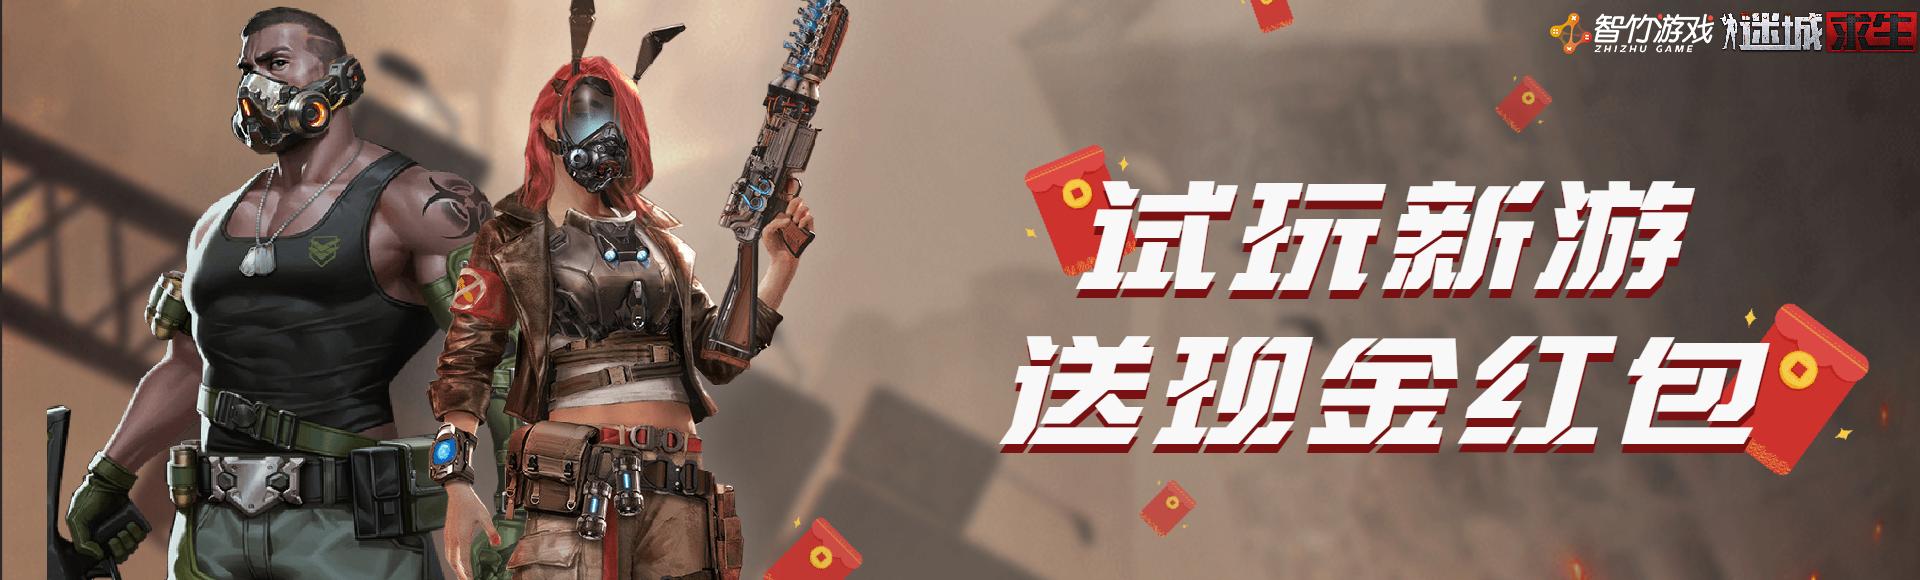 迷城求生官方下载 新游体验